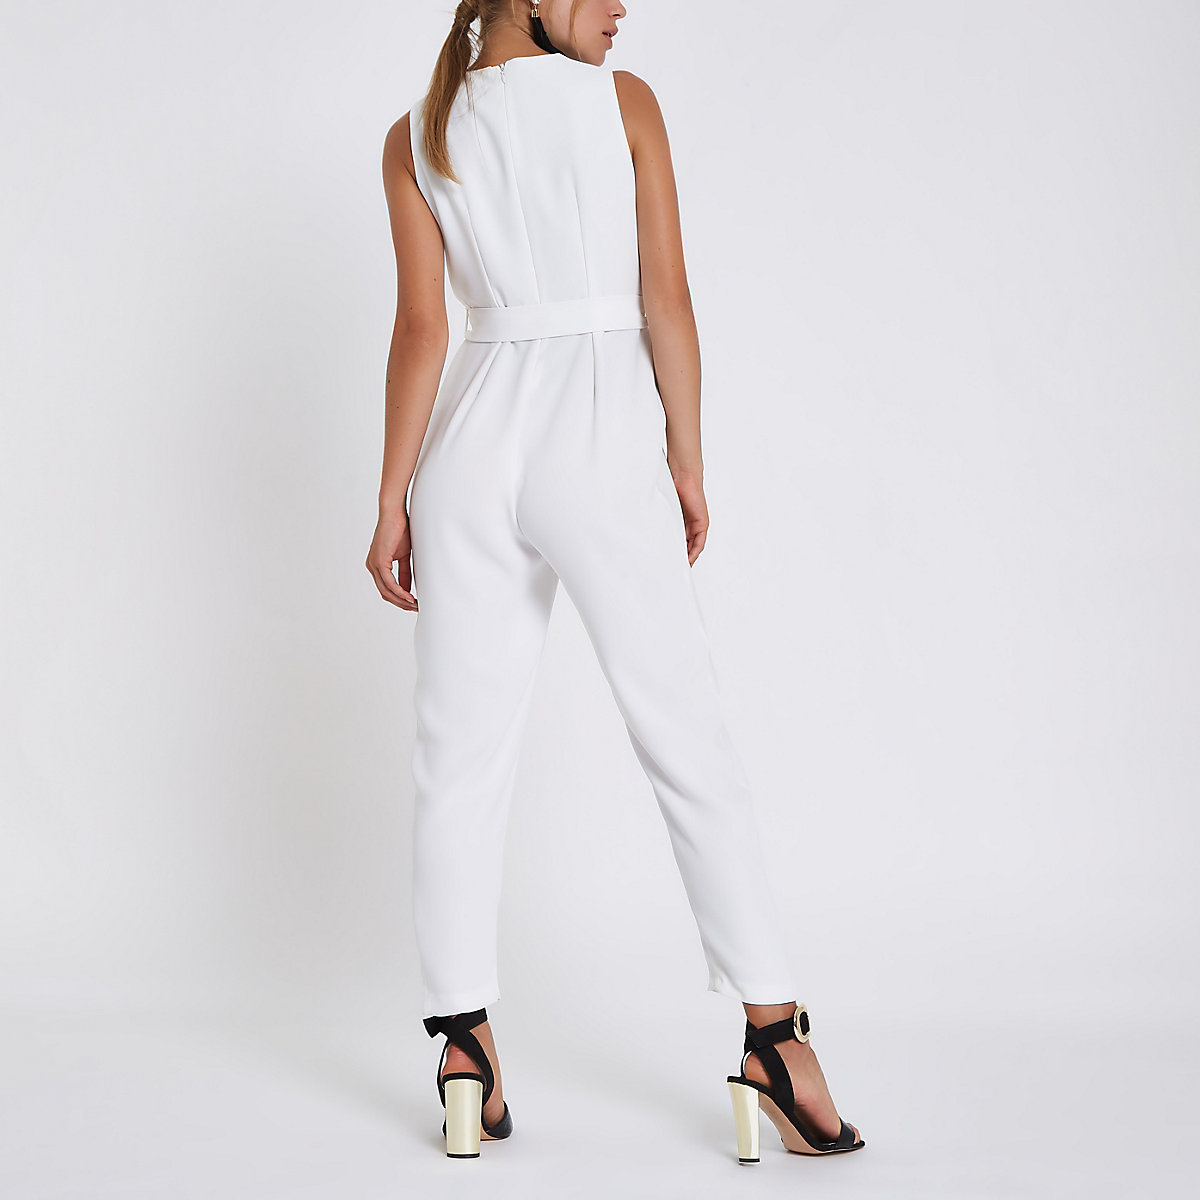 764108c62760 White wrap front tie waist jumpsuit - Race Day Dresses   Outfits - women